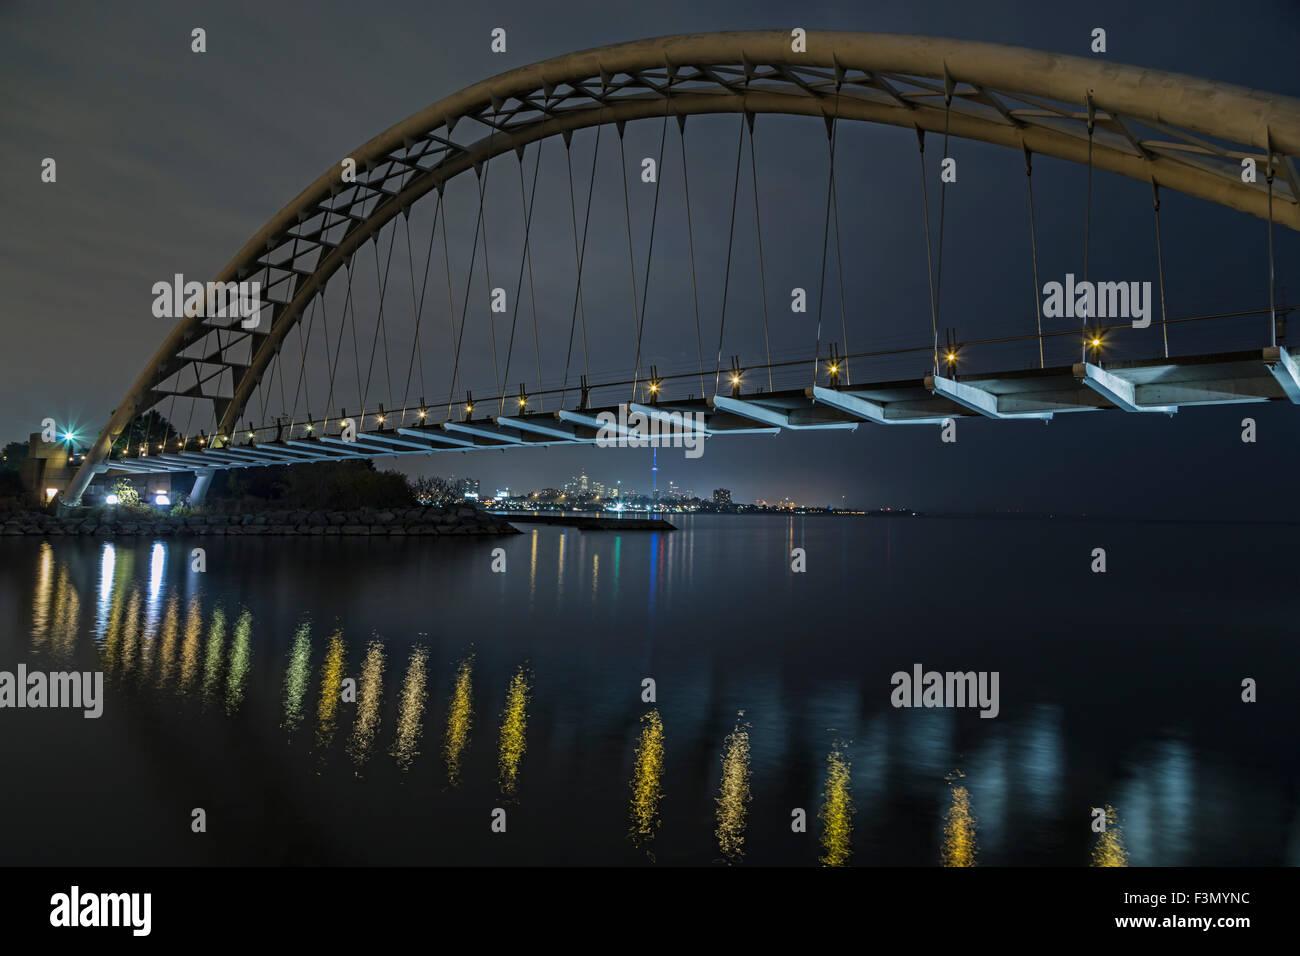 Humber Bay Puente de arco con el centro de Toronto, visto en la distancia. Imagen De Stock